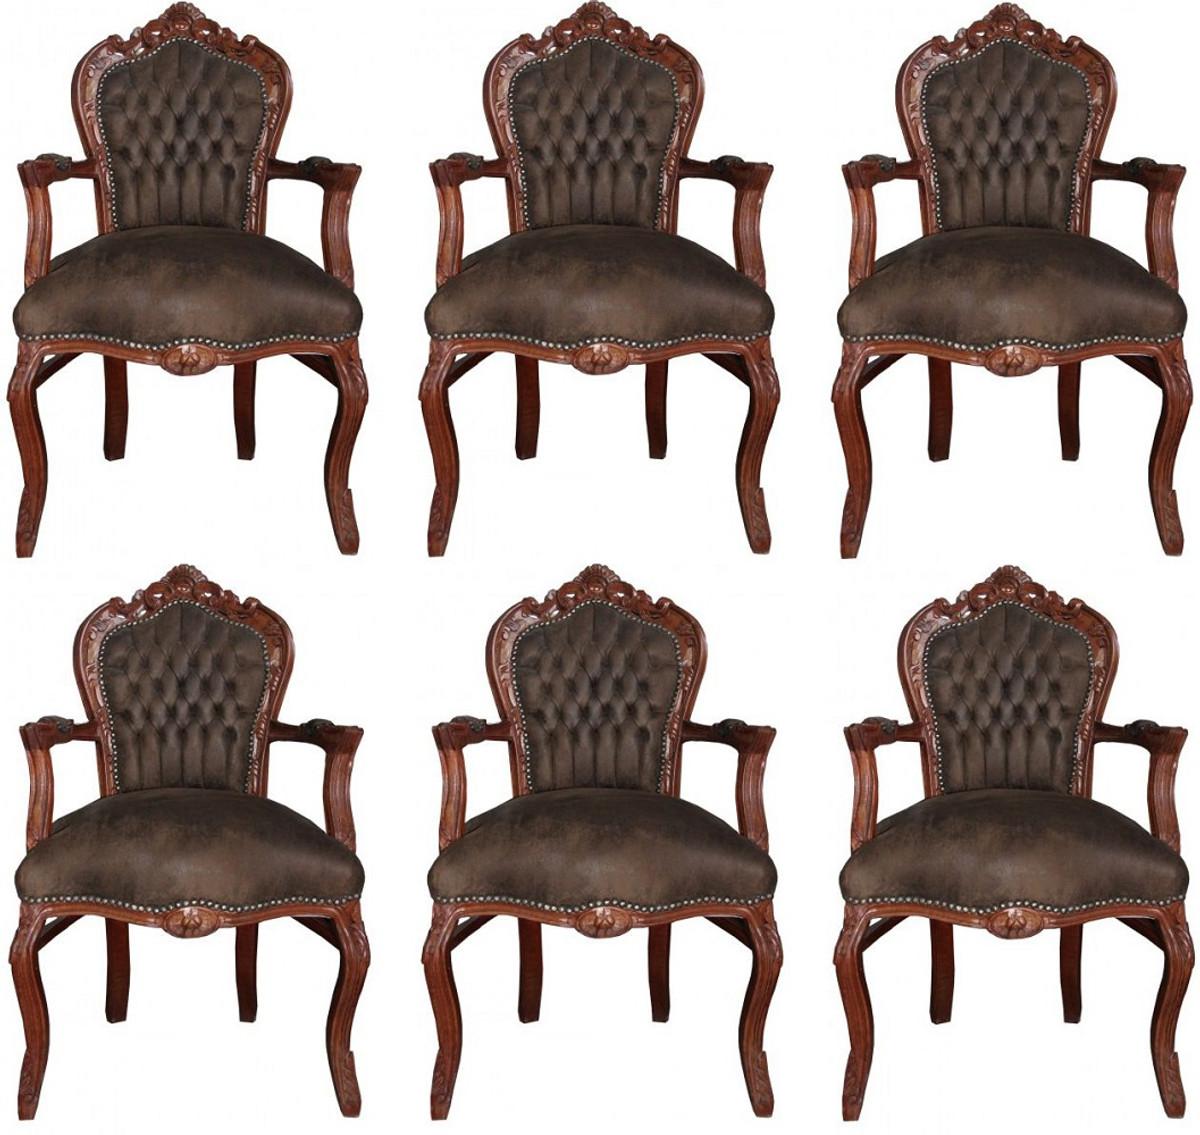 Casa Padrino Barock Esszimmer Set Braun / Braun Lederoptik 53 x 57 x H. 108 cm - 6 handgefertigte Esszimmerstühle mit Armlehnen - Barockmöbel